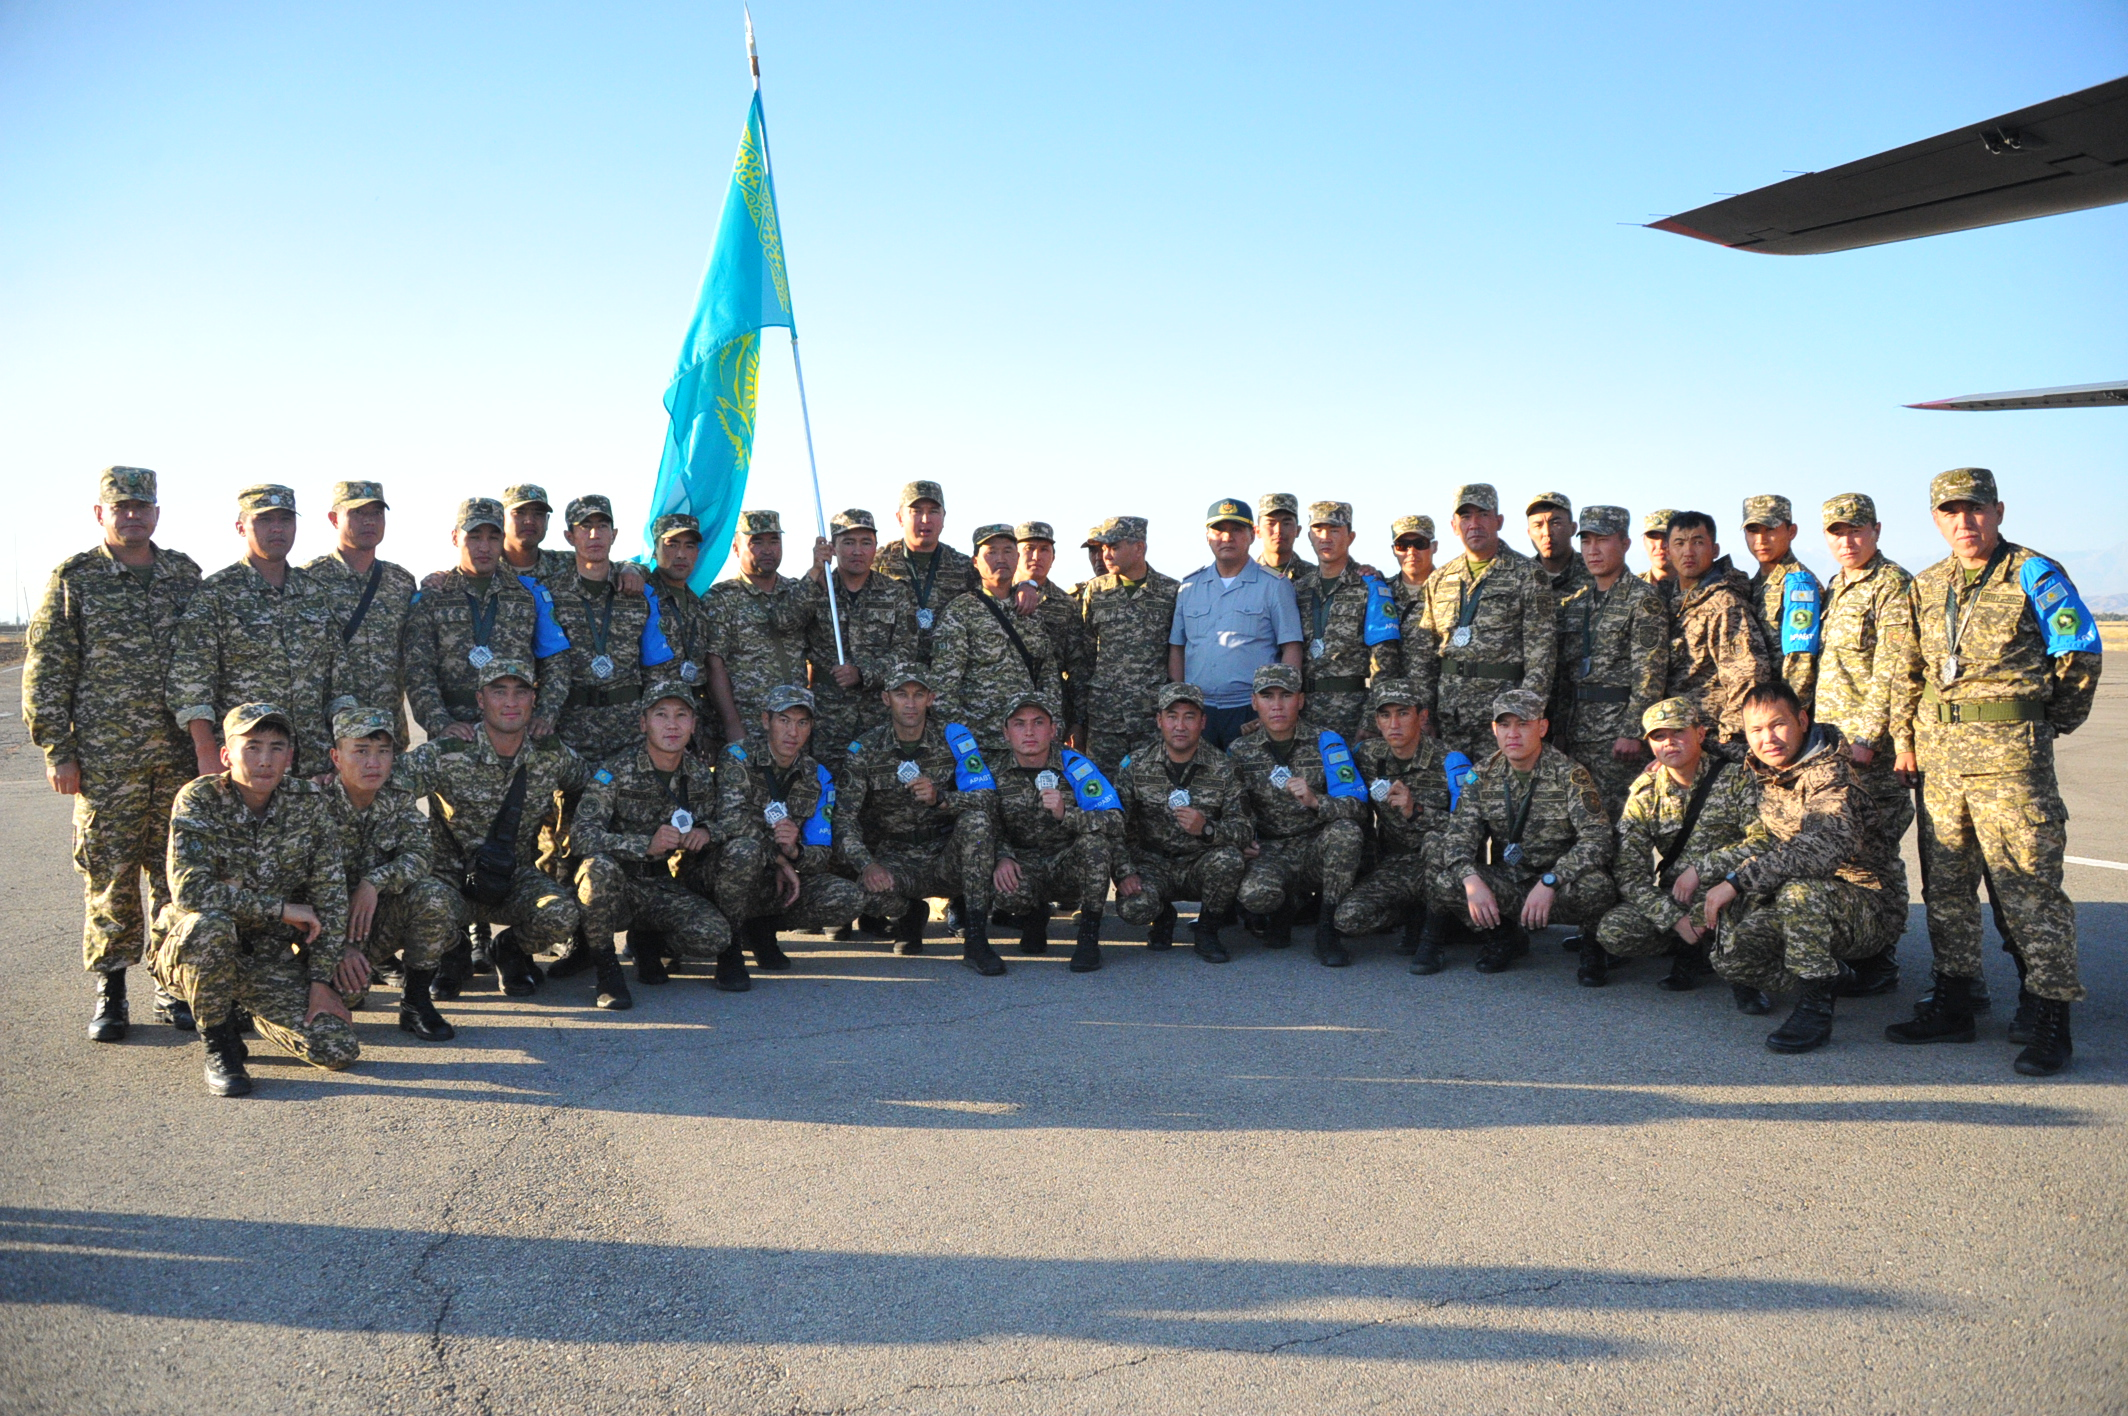 Первые призеры Армейских игр вернулись в Казахстан